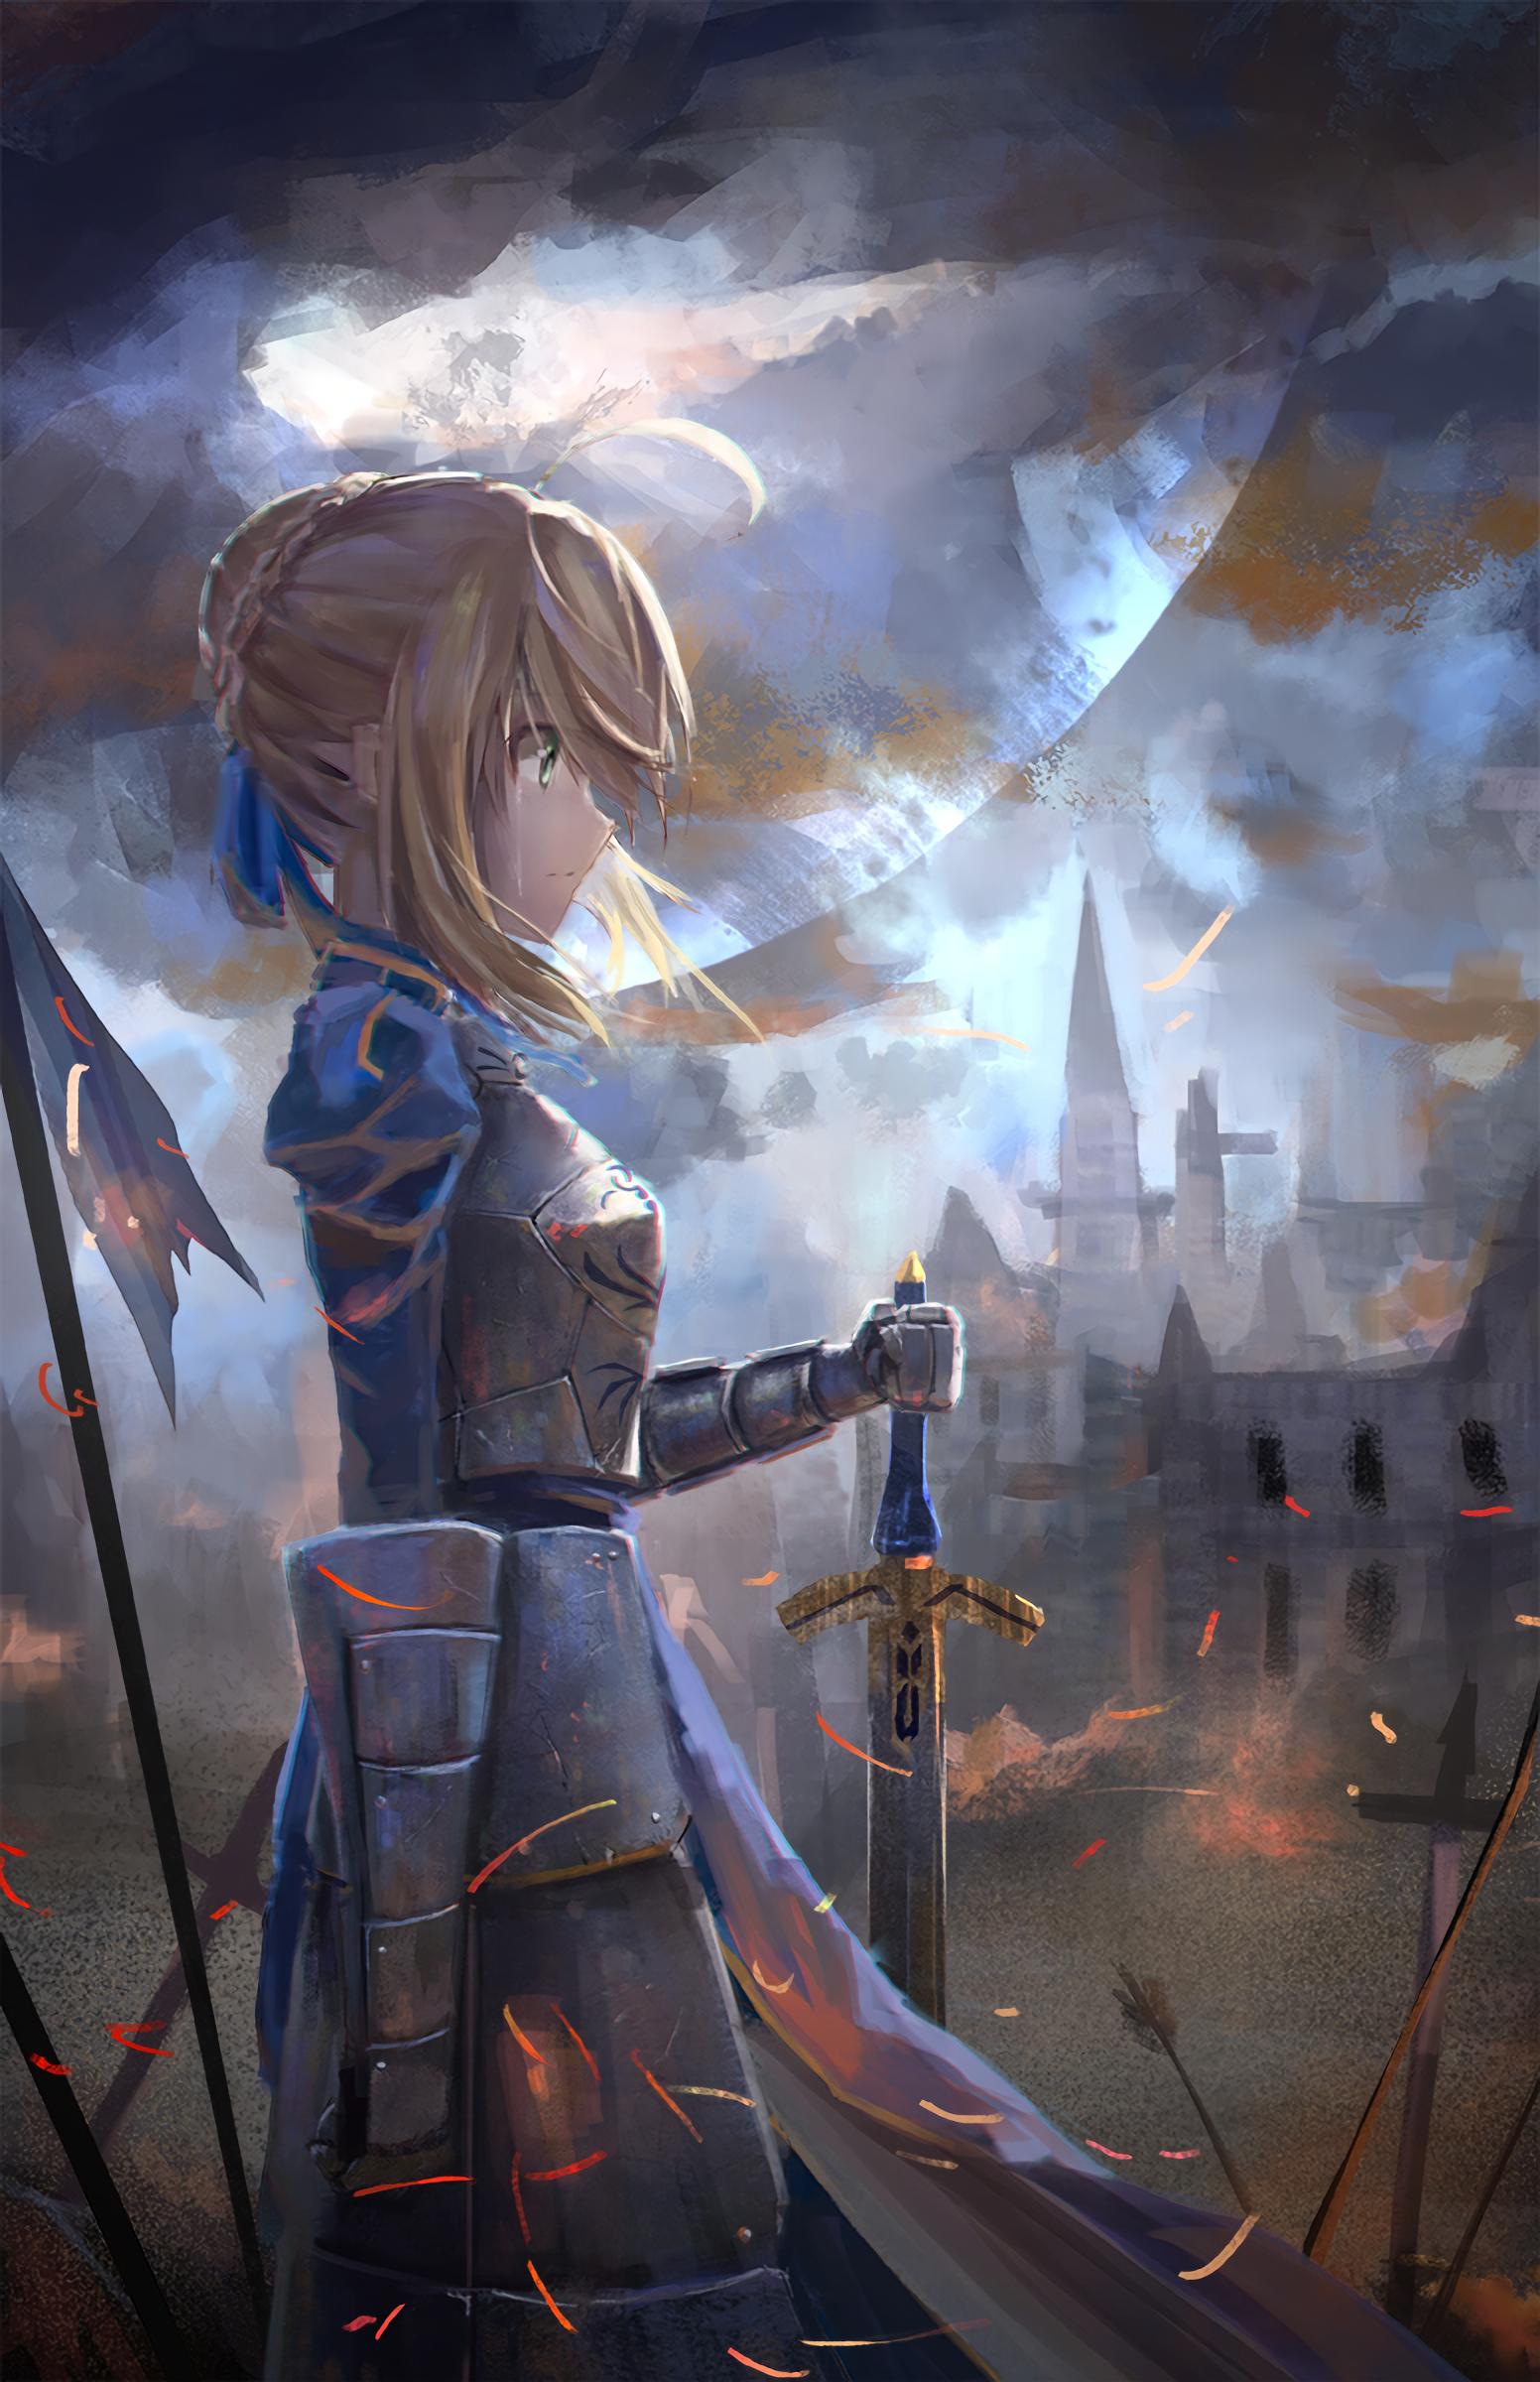 Fate/Zero Deadman wonderland, Dessin manga, Fate zero